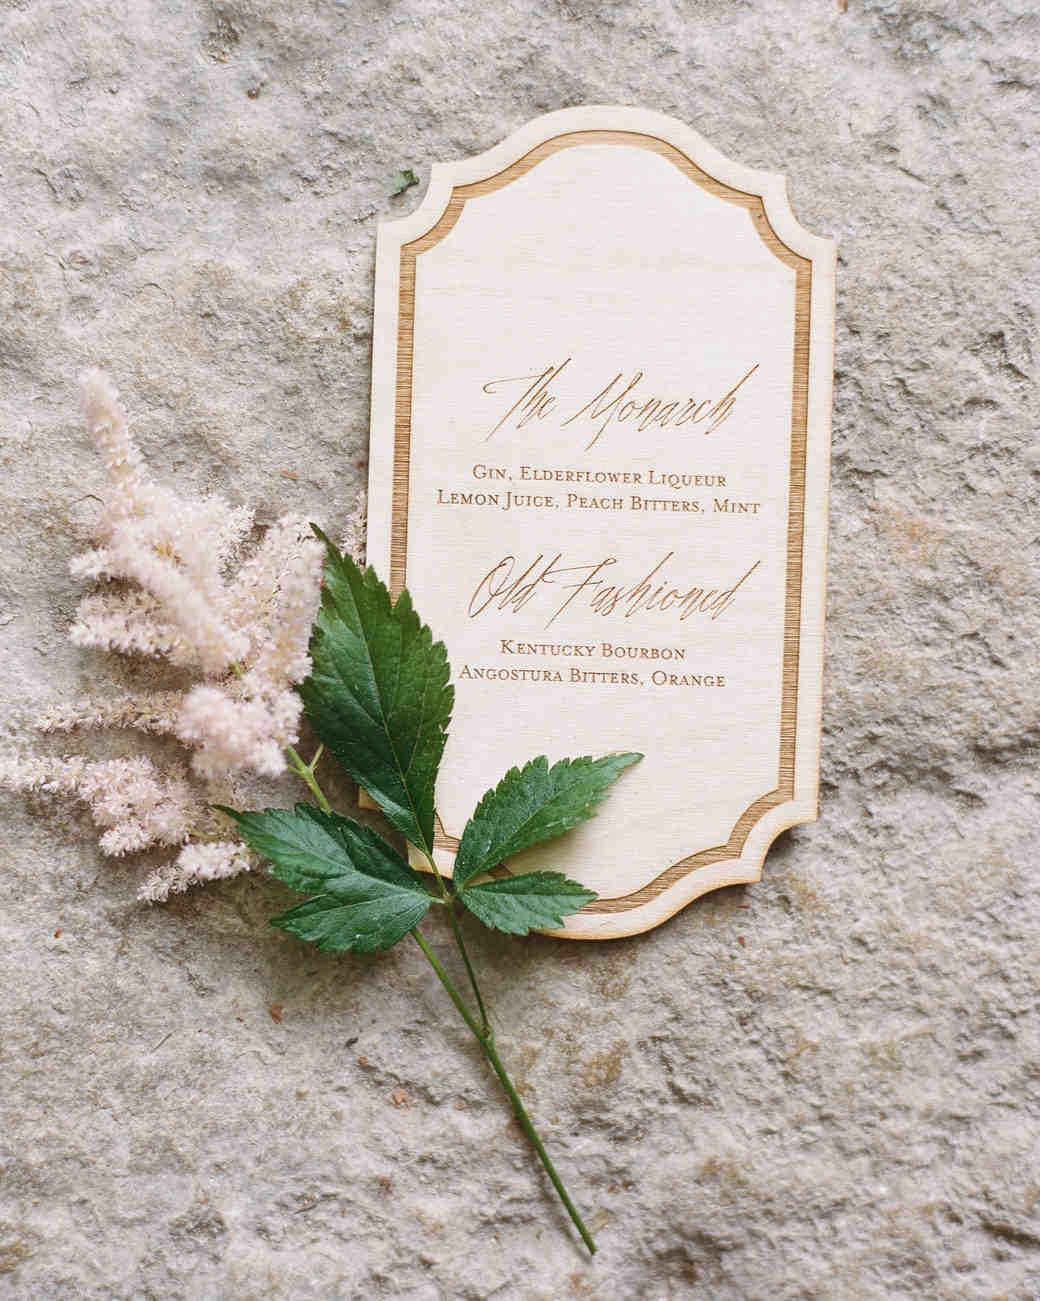 julie-chris-wedding-cocktails-1709-s12649-0216.jpg